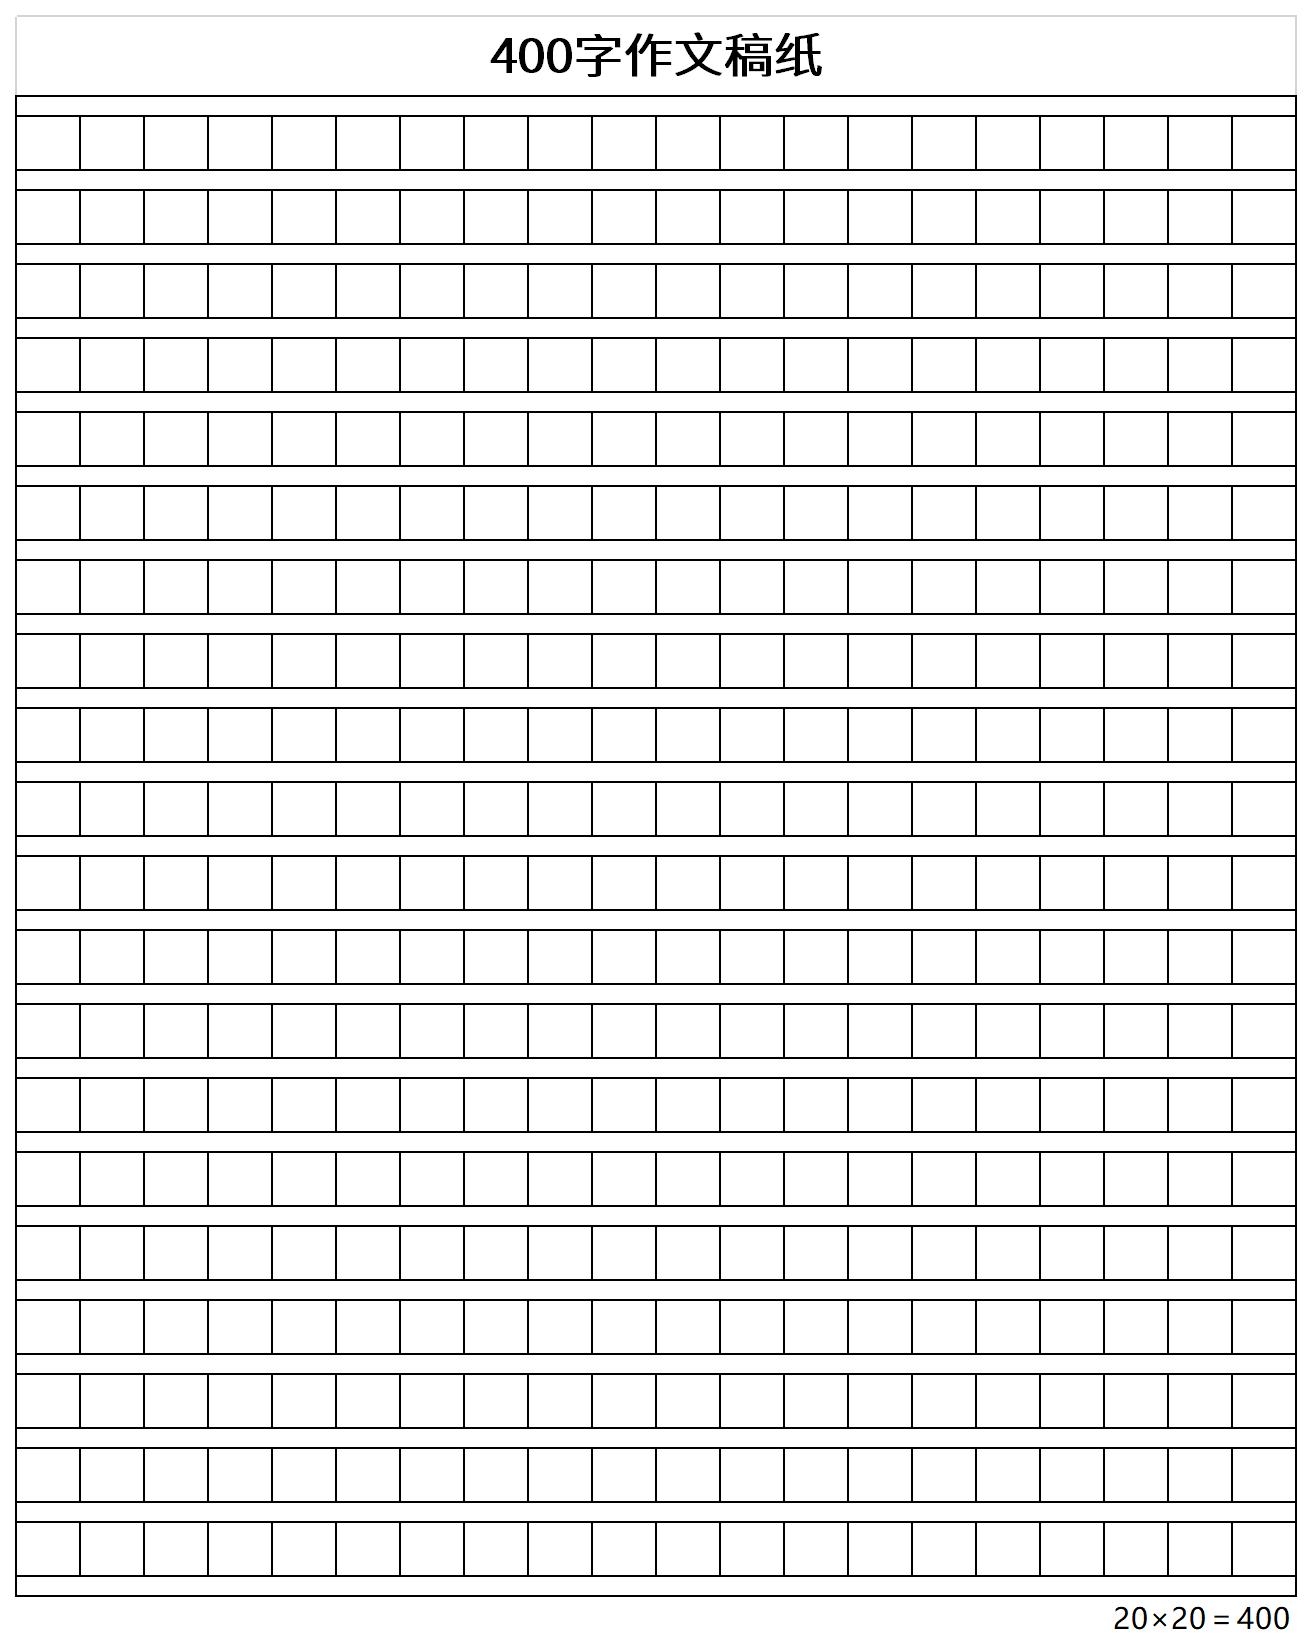 400字作文稿纸截图